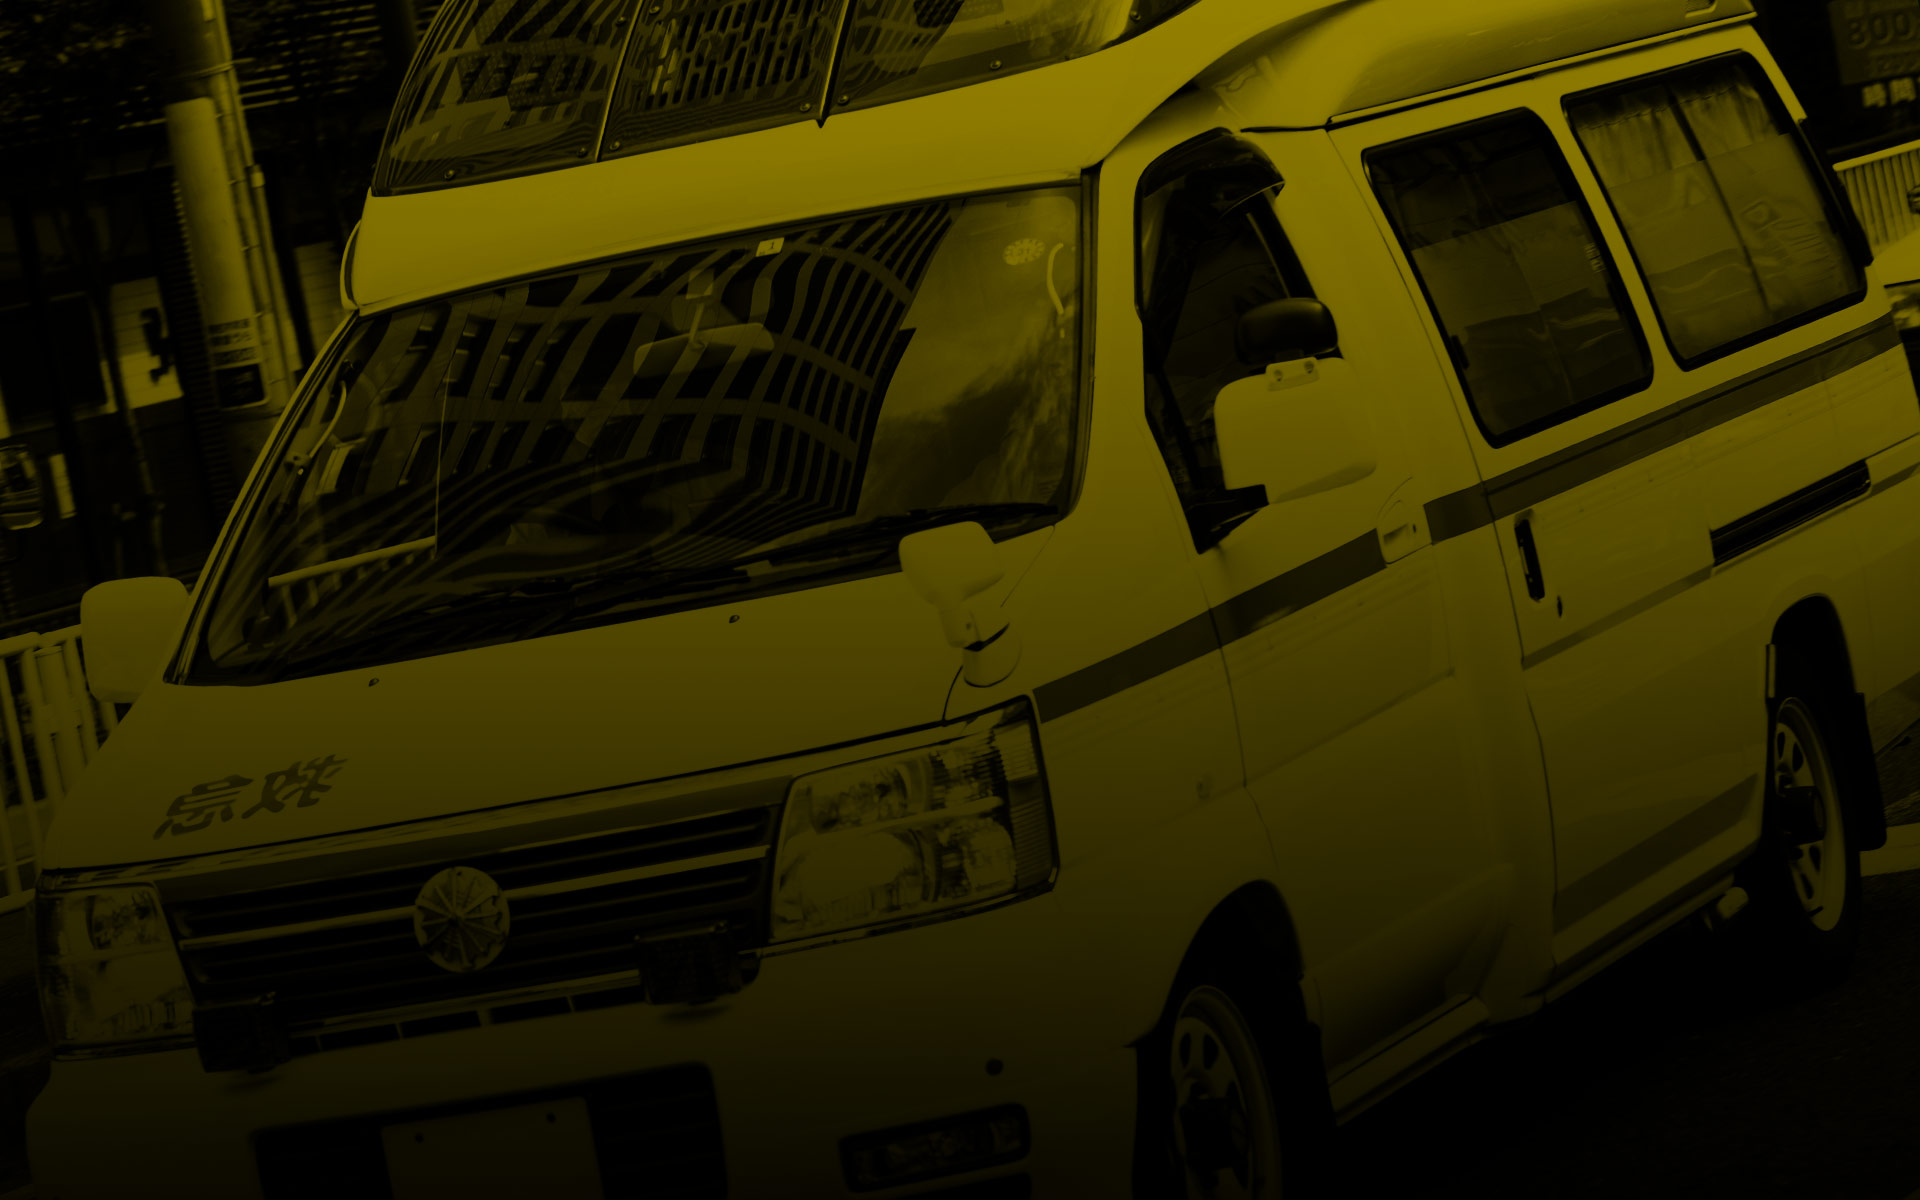 【シリーズ・都市伝説】あなたをお迎えに「黄色い救急車」